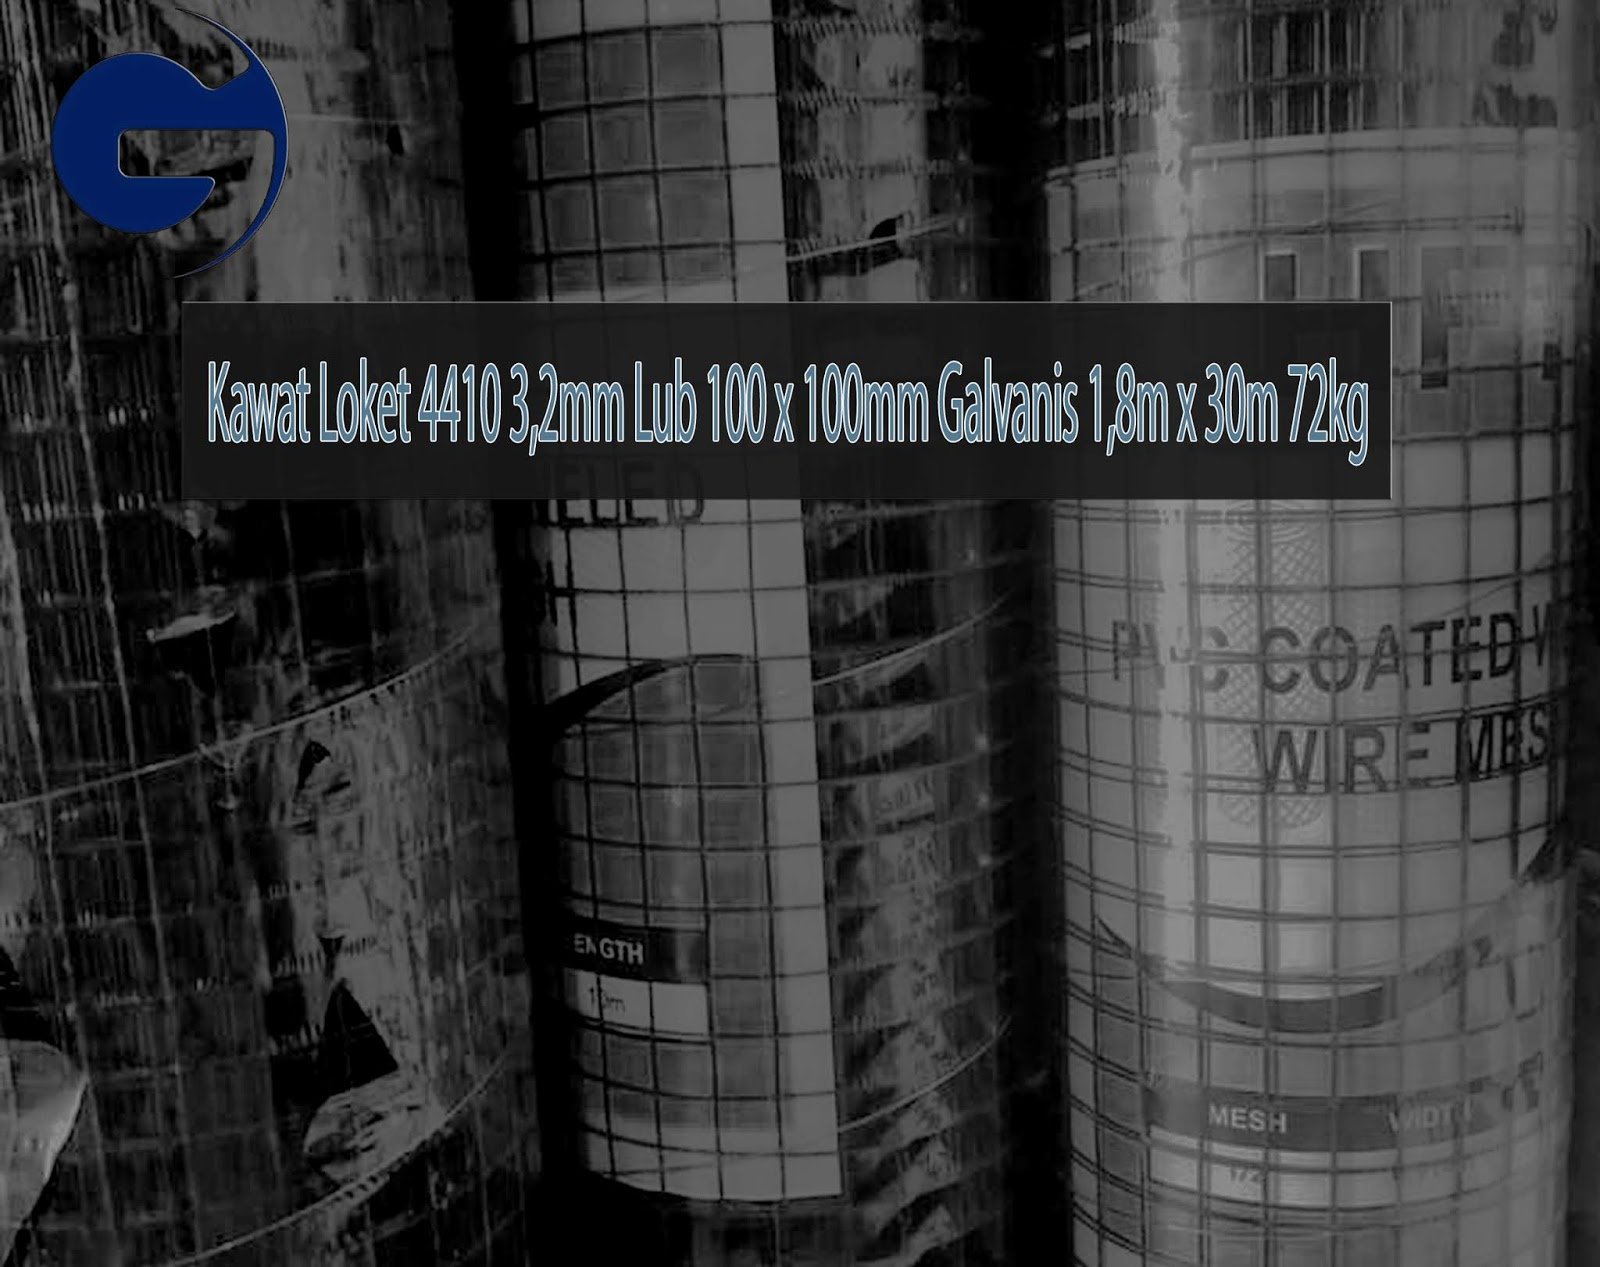 Jual Kawat Loket 4410 3,2mm Lub 100 x 100mm Galvanis 1,8m x 30m 72kg